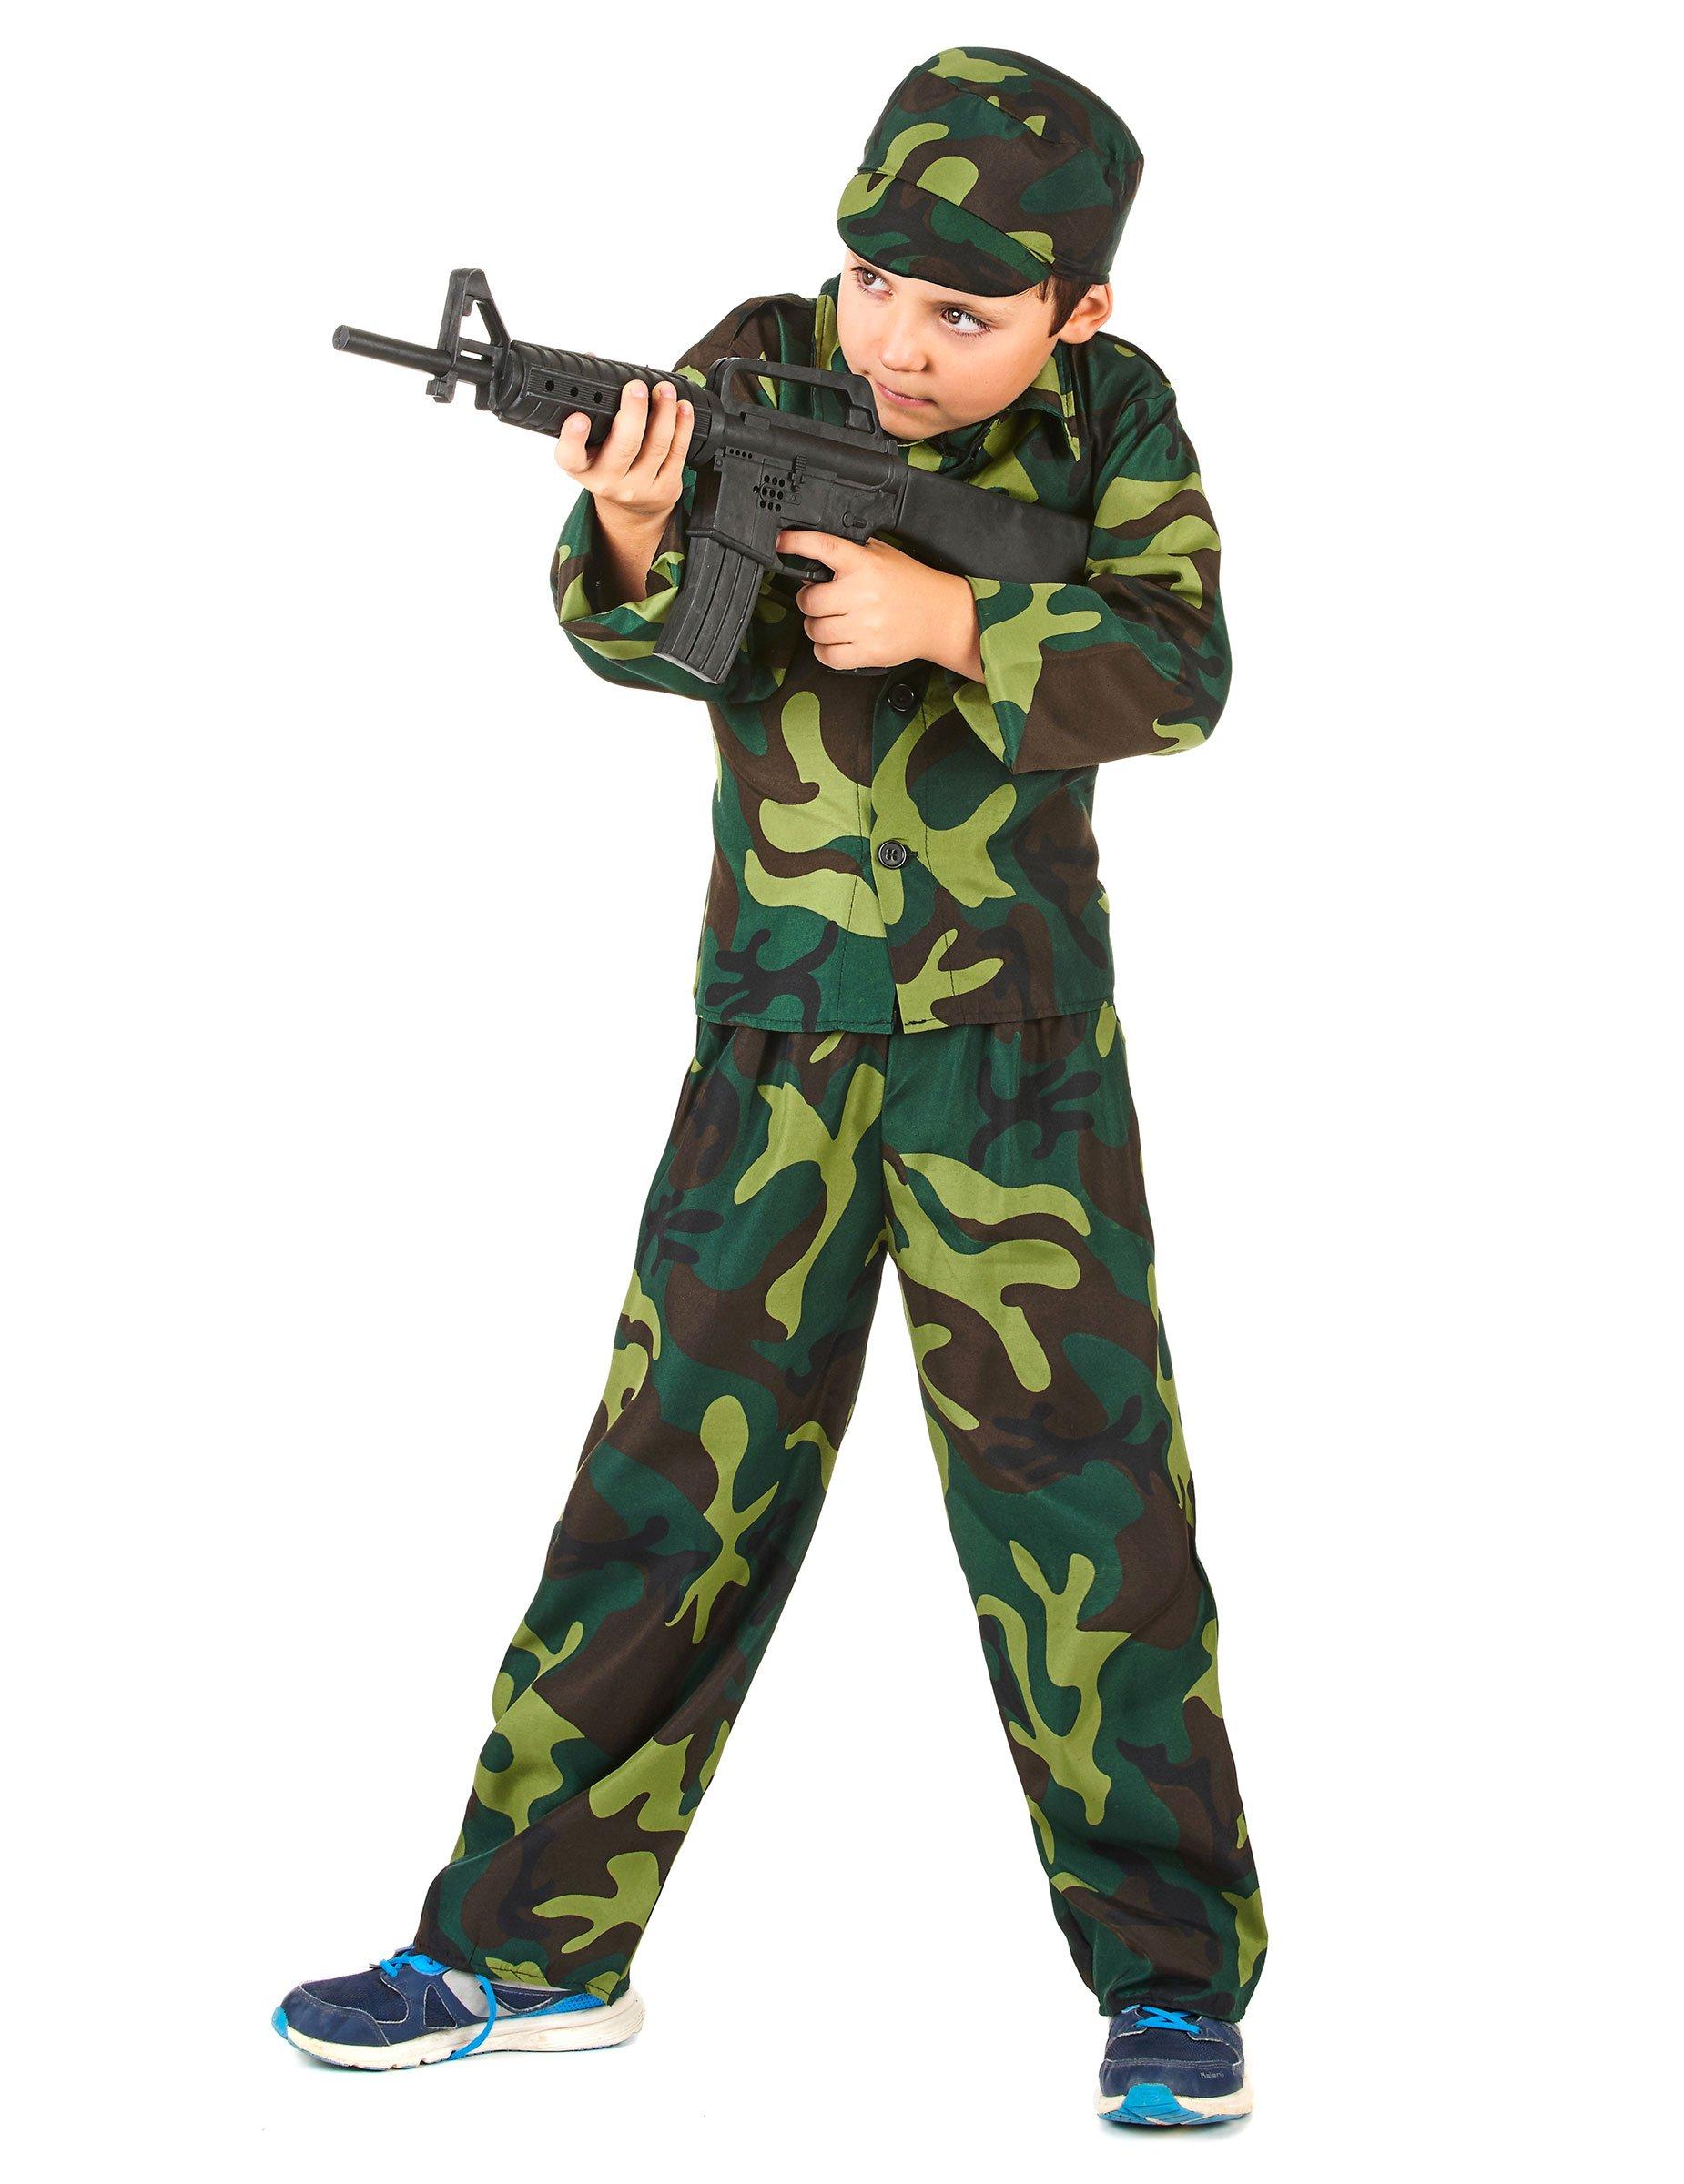 d guisement militaire gar on achat de d guisements enfants sur vegaoopro grossiste en d guisements. Black Bedroom Furniture Sets. Home Design Ideas